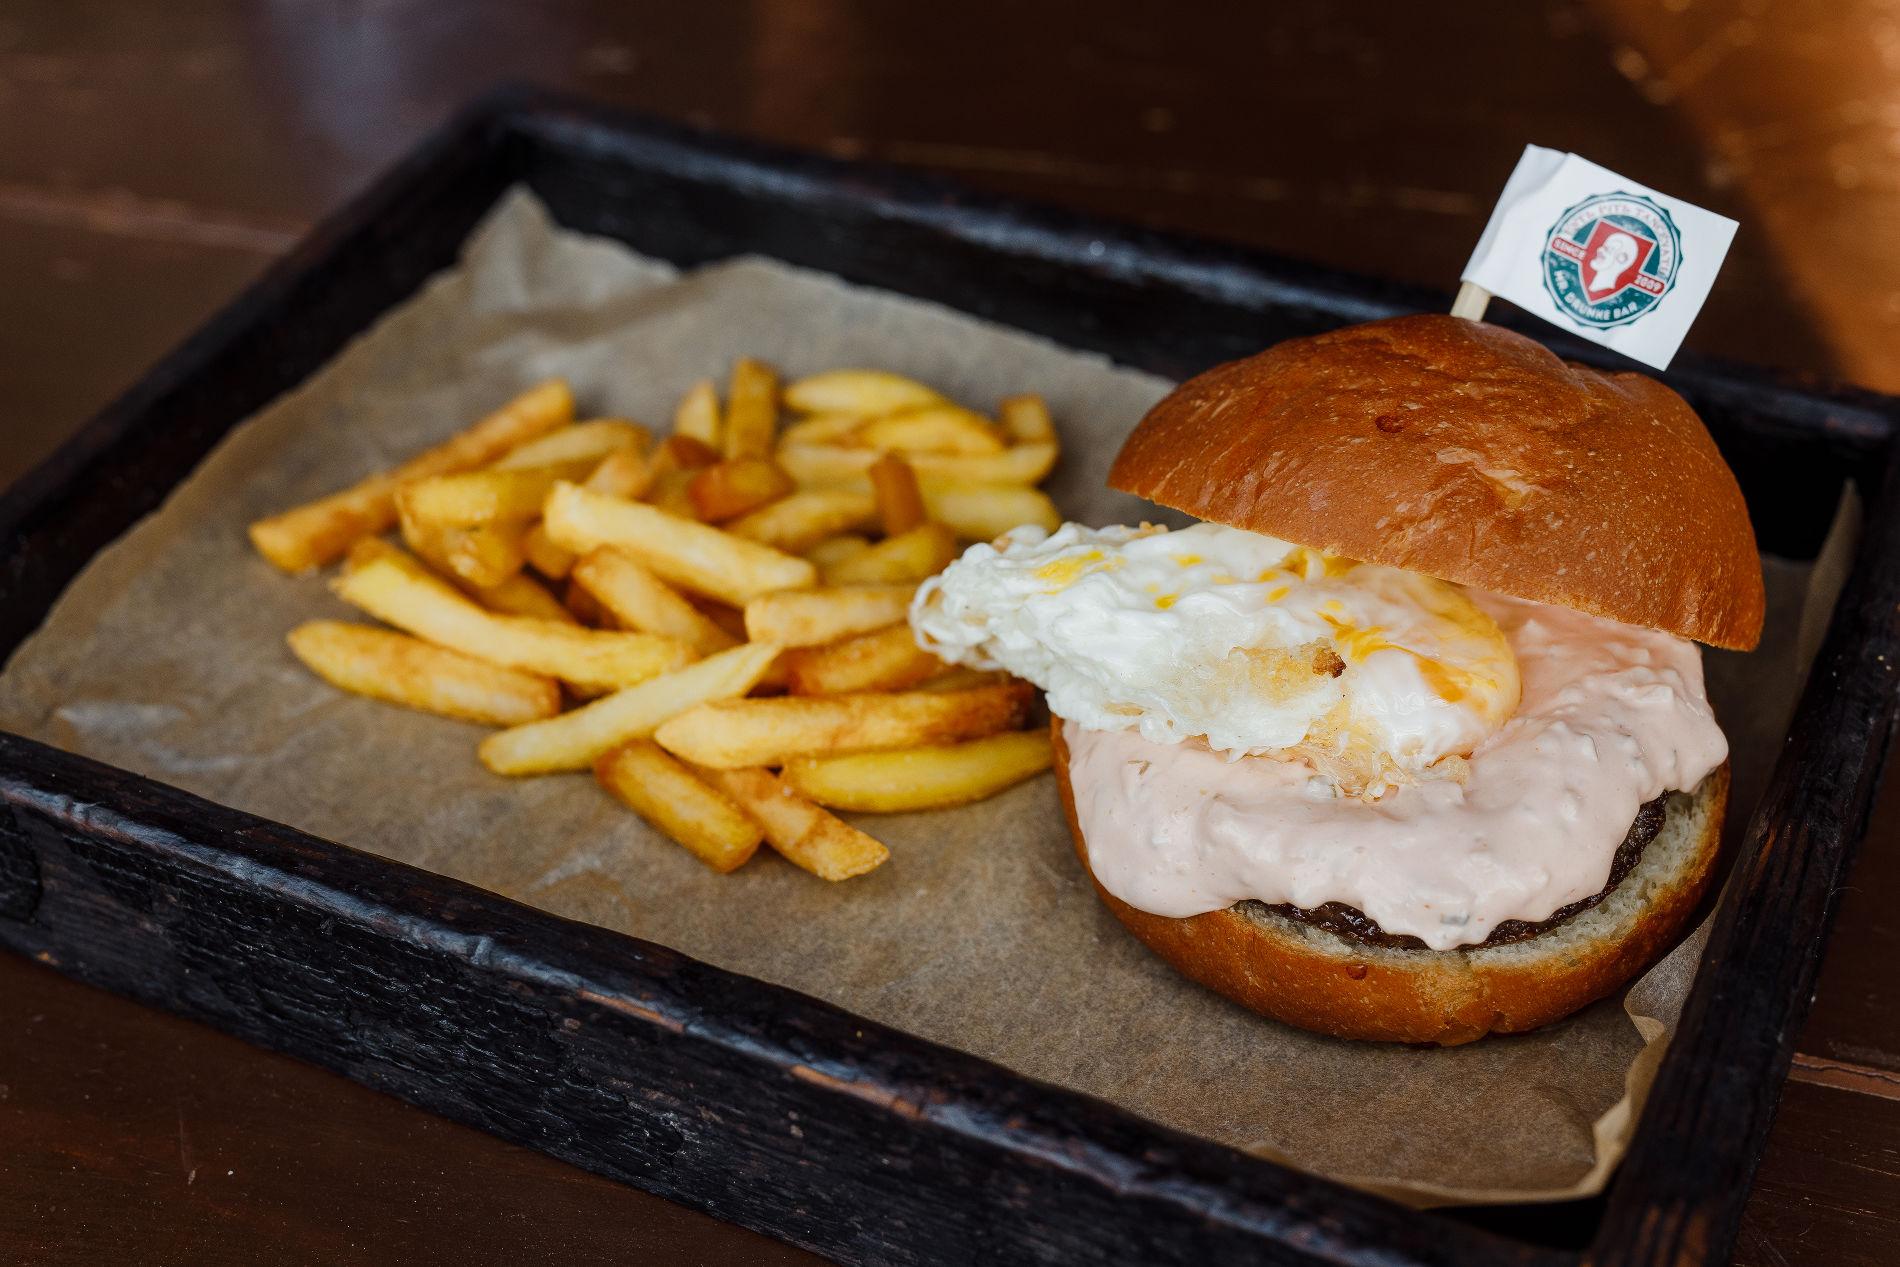 Бургер с котлетой из выдержанной говядины и жареным яйцом пашот ©Фотография предоставлена Mr. Drunke Bar